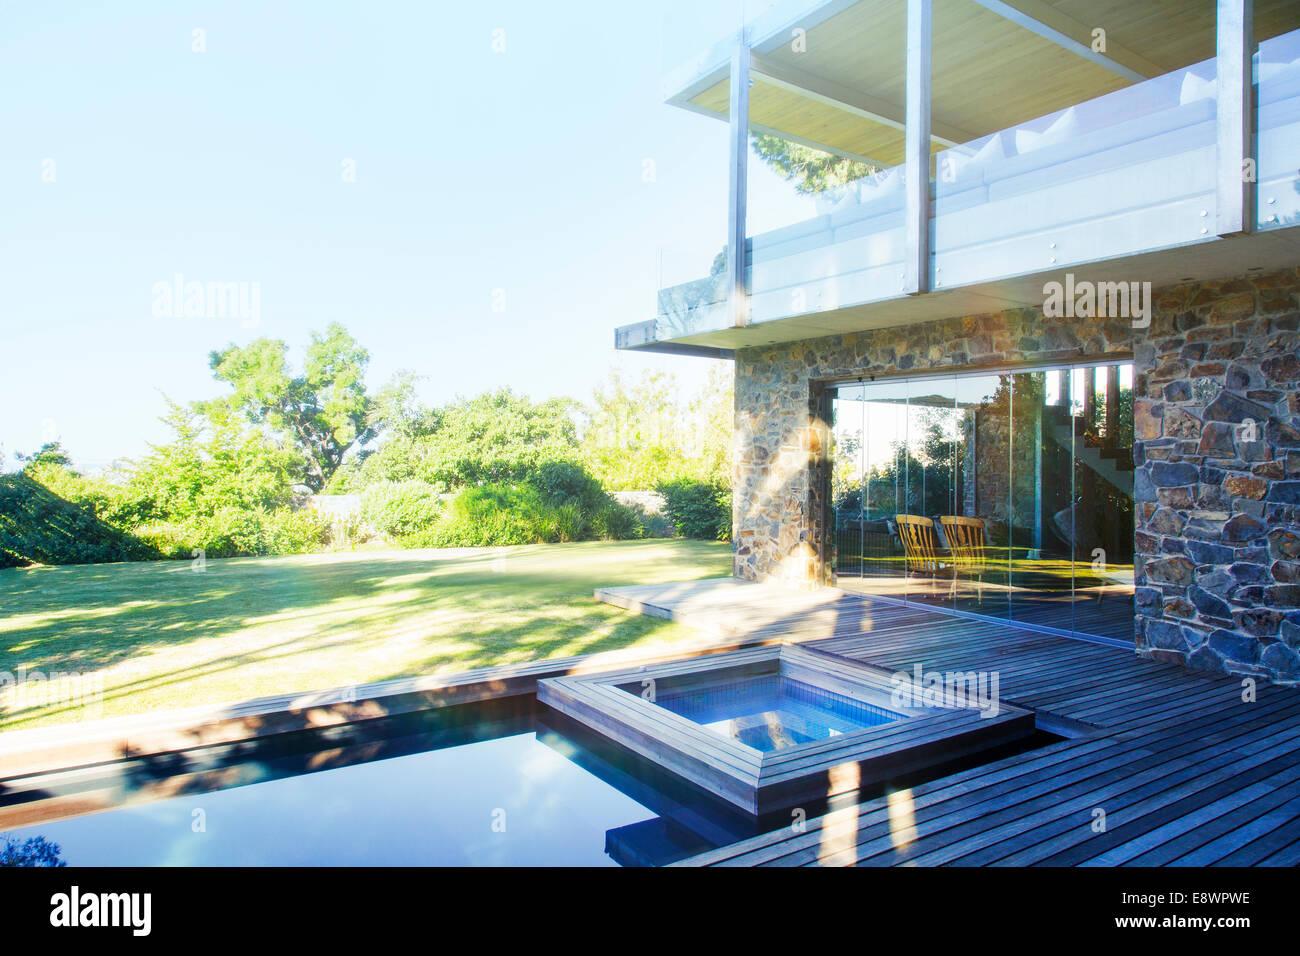 Maison Moderne Avec Vue Sur Piscine Et Terrasse En Bois Banque D